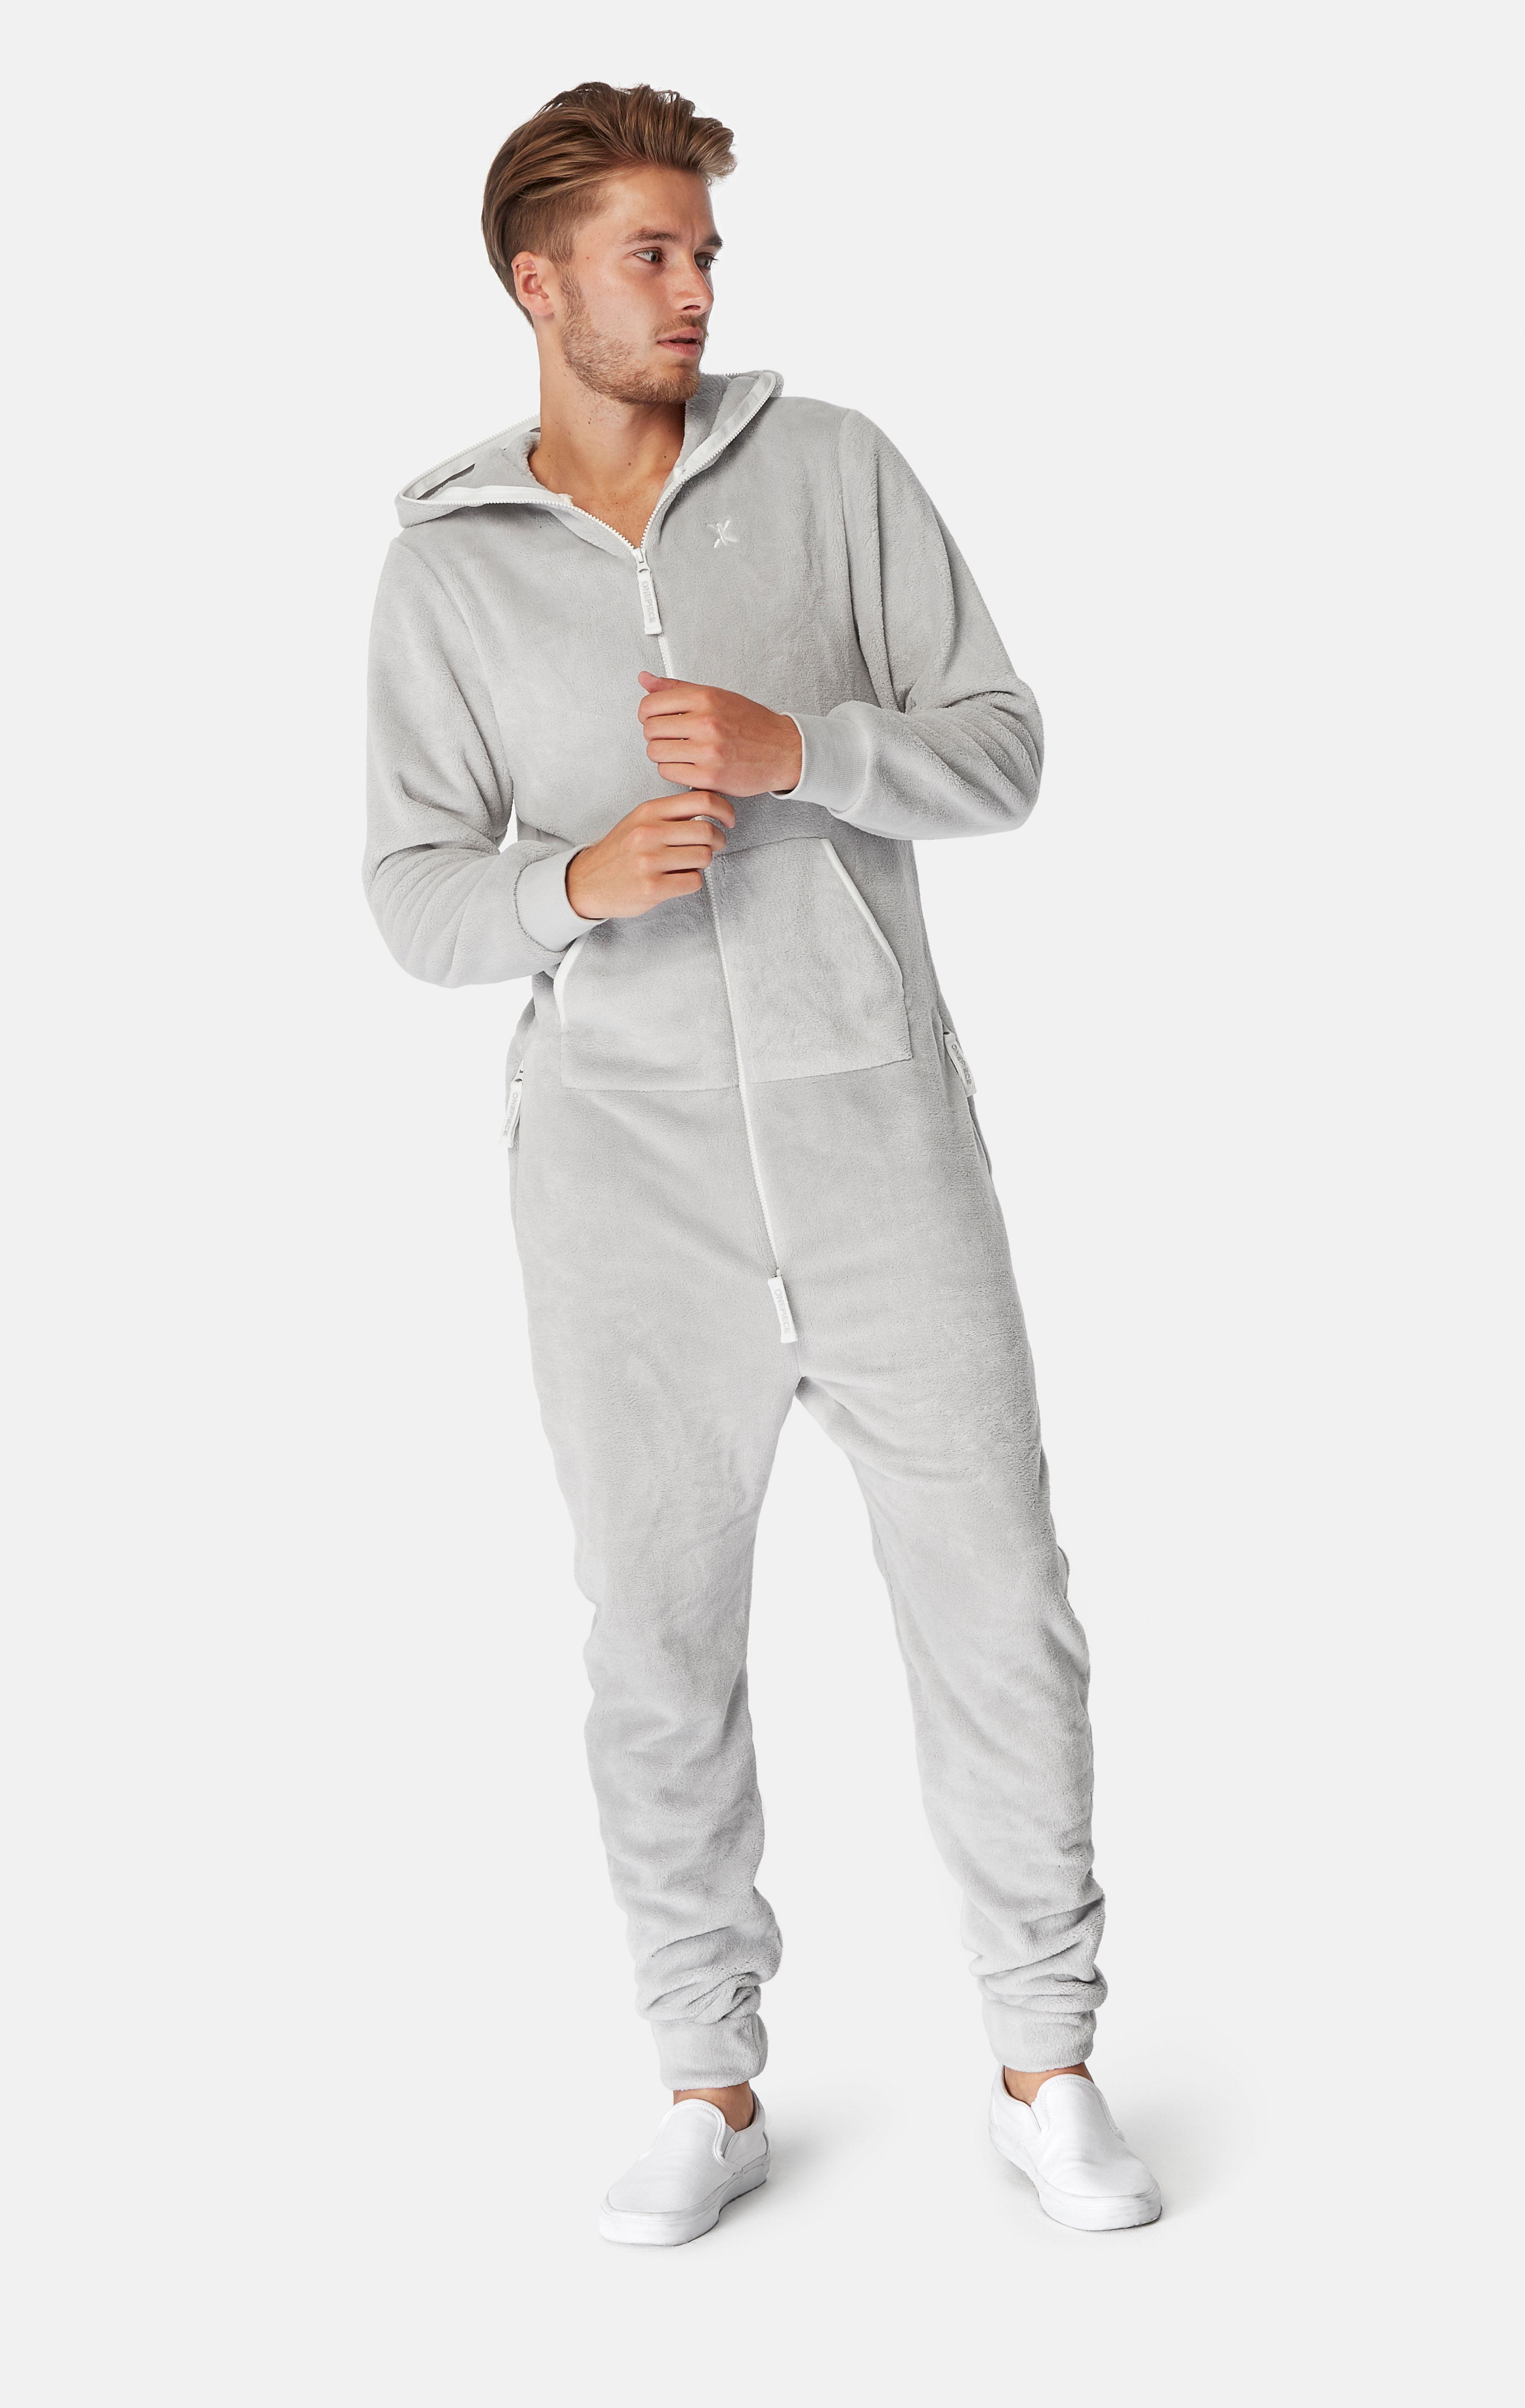 One piece Unisex Jumpsuit Short Original Combinaison Femme